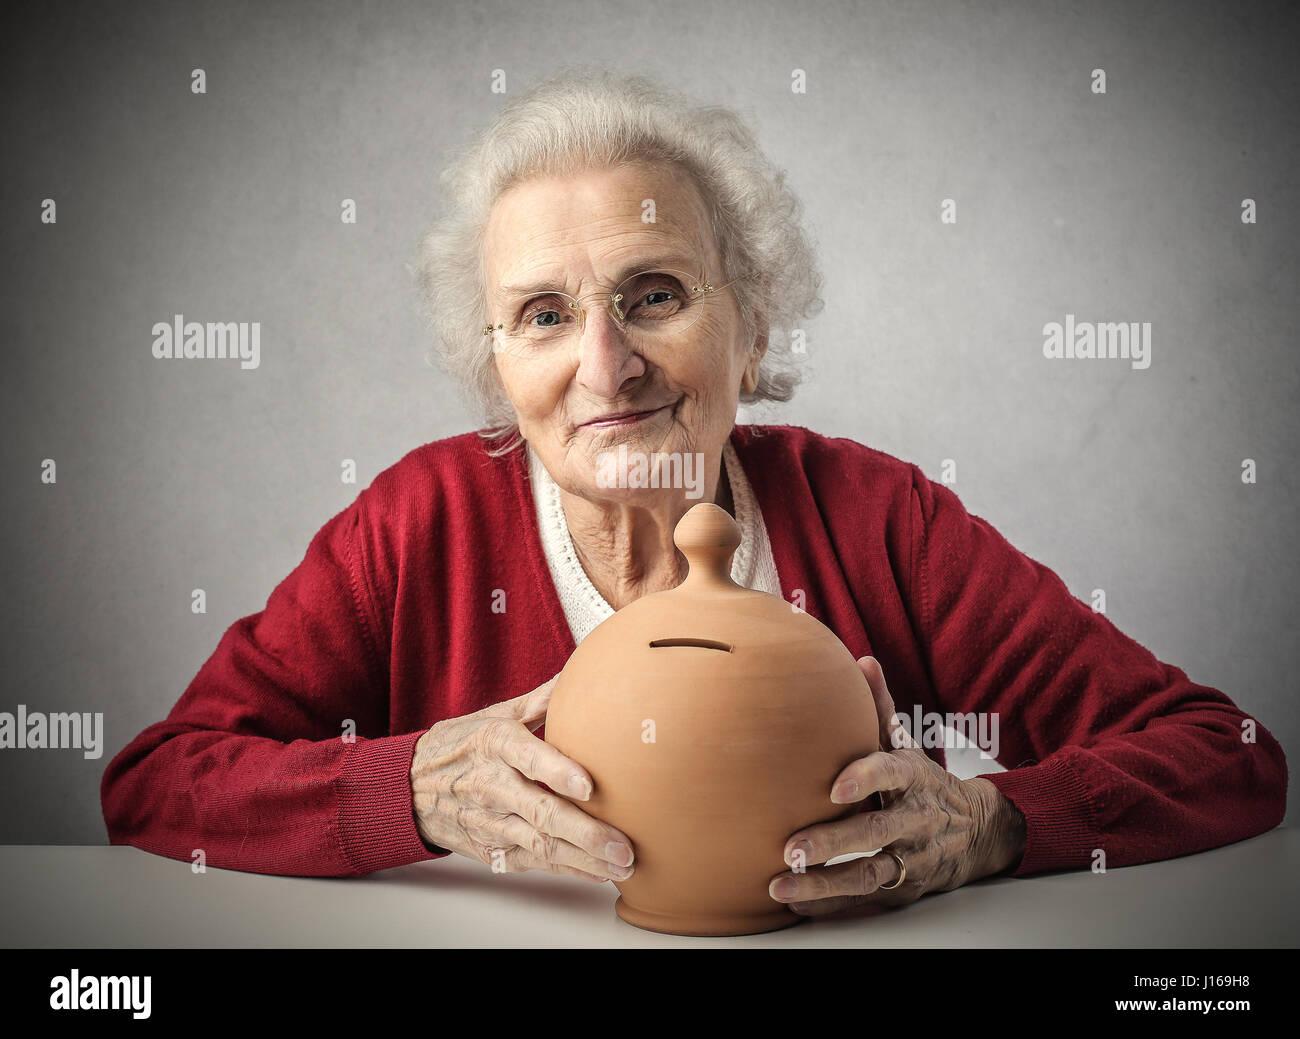 Abuela Imágenes Stockamp; Alamy Fotos De 5 Página 3R4AL5j